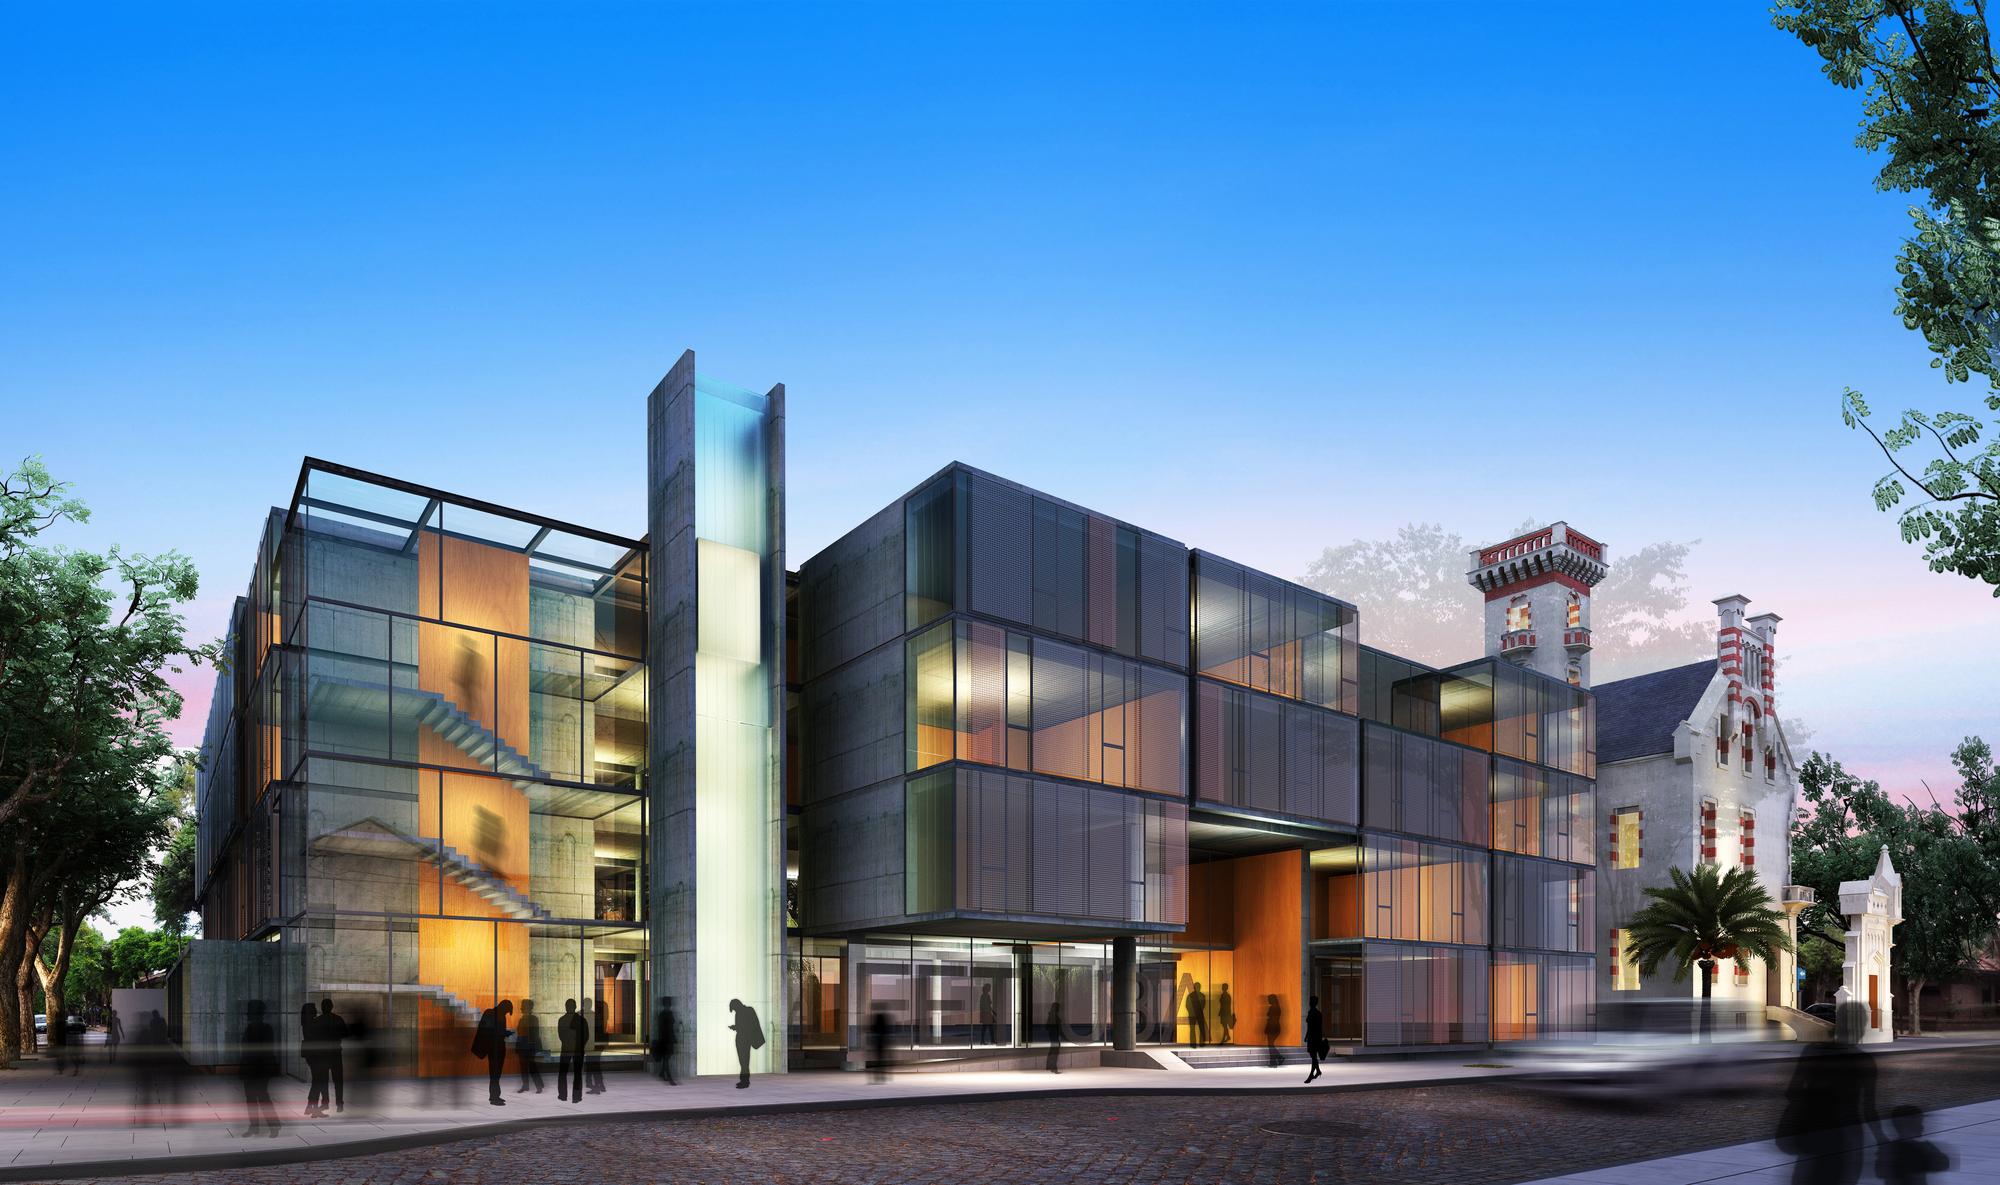 Menci n premiada concurso arquifadu nueva escuela de for Decano dela facultad de arquitectura